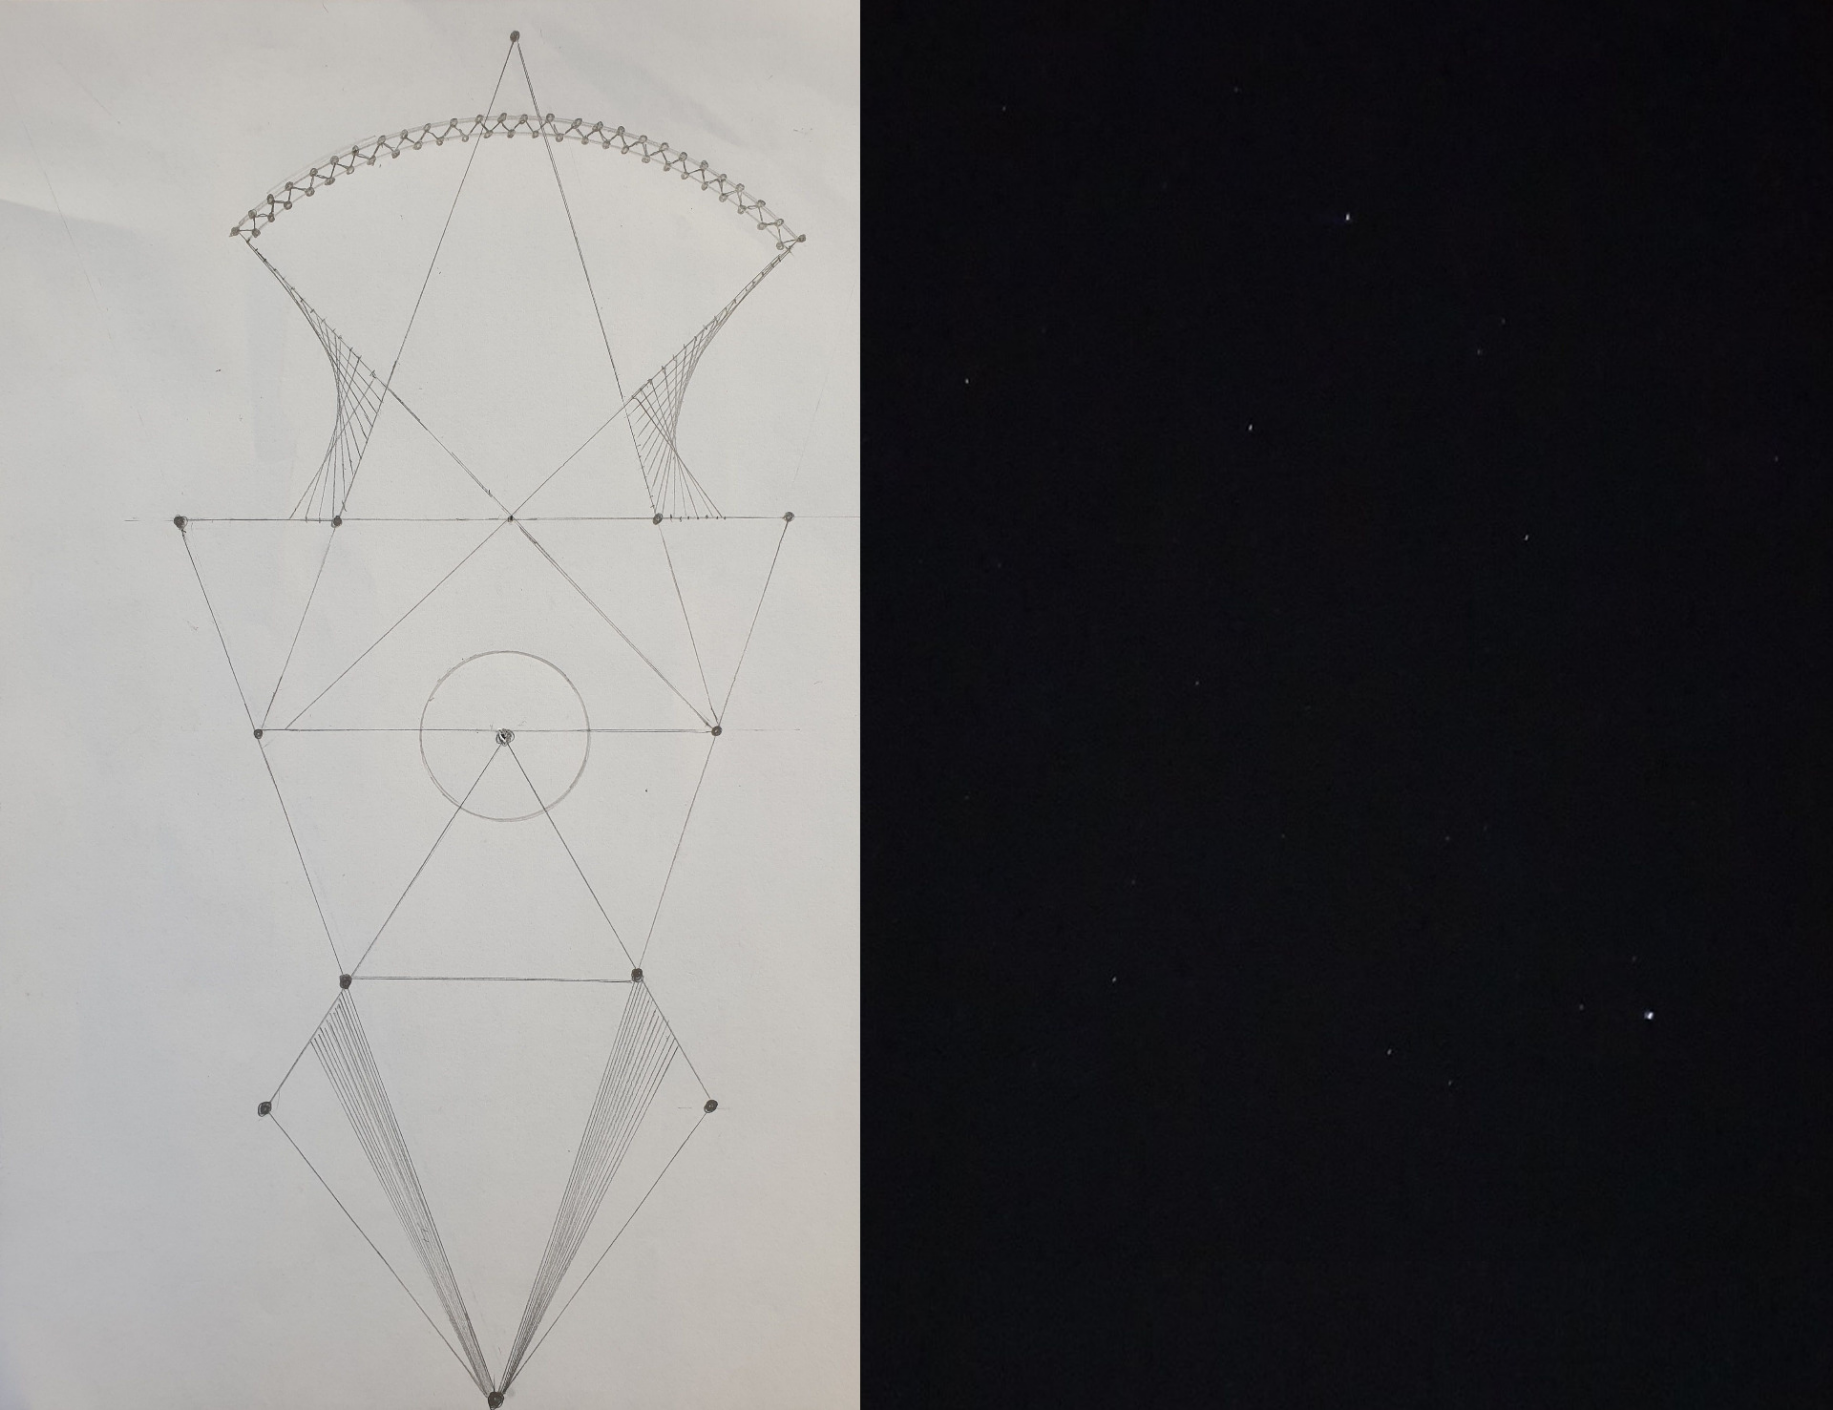 """[url=https://gradini-fractale-geometrice.webnode.ro/_files/200000044-a3078a307c/13.jpg]Proiect de gradina fractala, desenata de mine incepand de la triunghiul isoscel  inspirat din constelatia Triangulum si dezvoltata pe care am  fotografiat-o din gradina mea. Există un triunghi compus din stele  strălucitoare numit Triunghiul de Vara. Stelele componente sunt  Vega-Altair-Deneb, prima fiind a cincea stea ca strălucire de pe întreg  cerul.  Triunghiul de vară este aproximativ isoscel și se poate vedea și  în alte anotimpuri: tomana, iarna seara și primăvara dimineața. Cea mai  apropiată stea din triunghi este Altair, la 16 ani lumină, Vega fiind  situată la 25 de ani lumină de noi.  Vega și Altair au nume arabe. Prima  înseamnă """"vulturul în zbor"""" iar a doua """"pasărea"""". Deneb se traduce  """"coada"""" fiind coada lebedei, constelația Cygnus.  Triunghiul de vară  poate fi văzut mai mereu: la răsăritul și apusul Soarelui, primăvara în a  doua jumătate a nopții, vara si toamna toată noaptea. [/url]"""